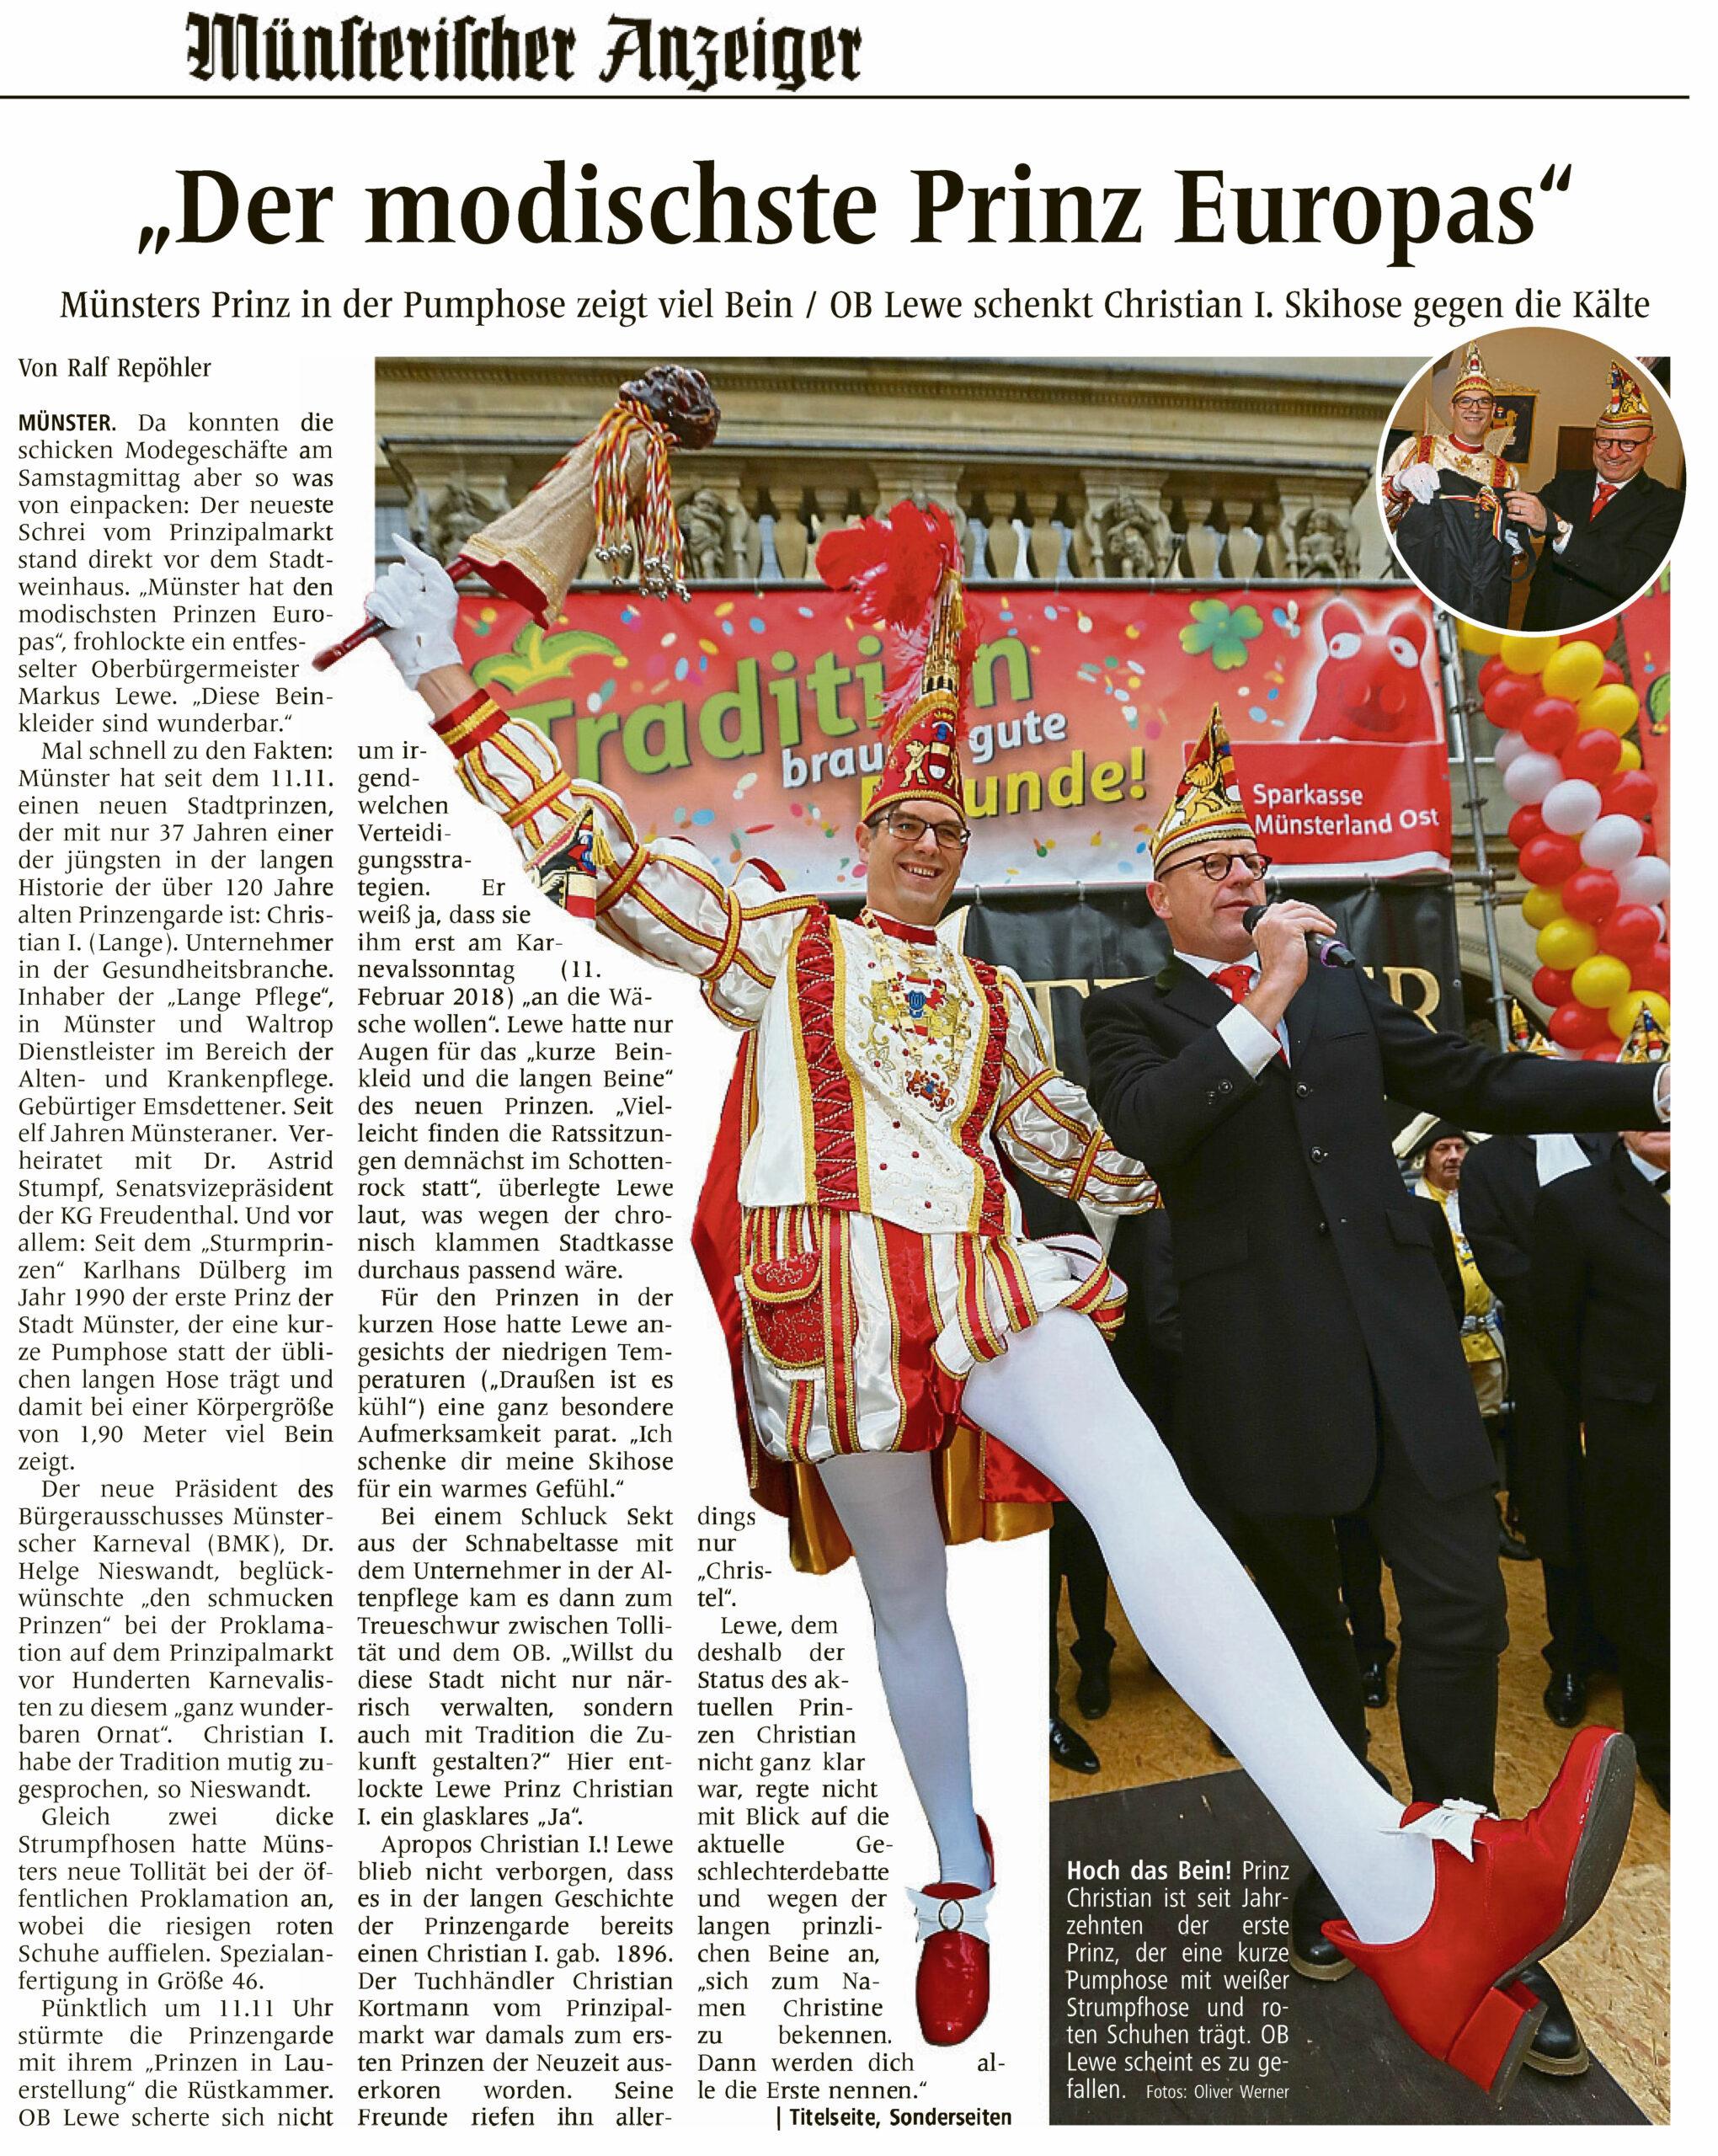 Der modischste Prinz Europas